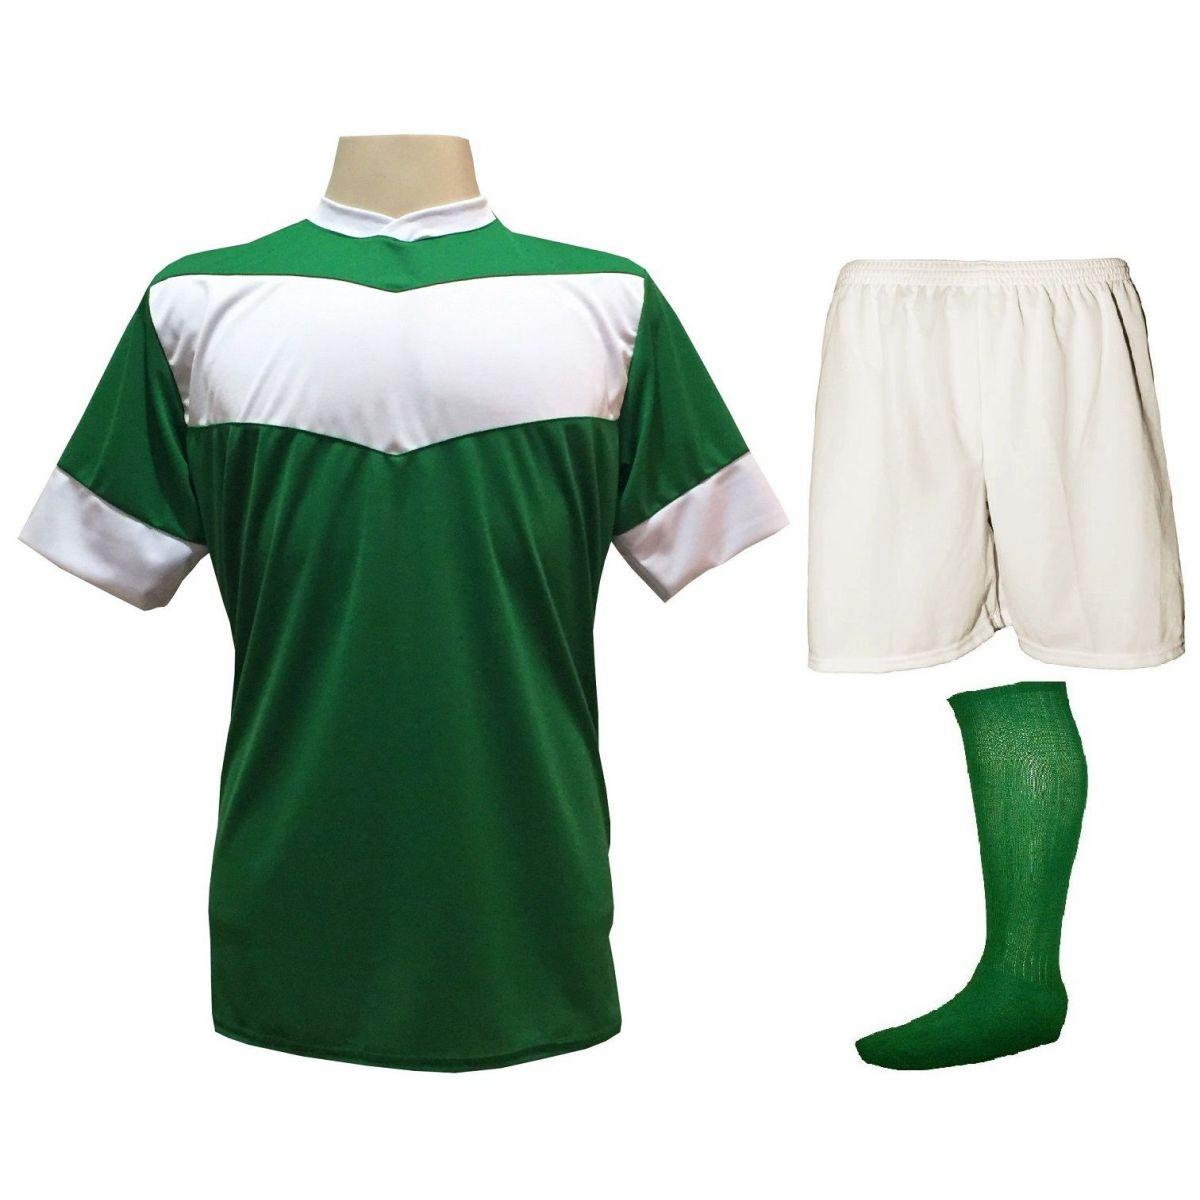 Fardamento Completo Modelo Columbus 18+1 (18 Camisas Verde/Branco + 18 Calções Madrid Branco + 18 Pares de Meiões Verdes + 1 Conjunto de Goleiro) + Brindes